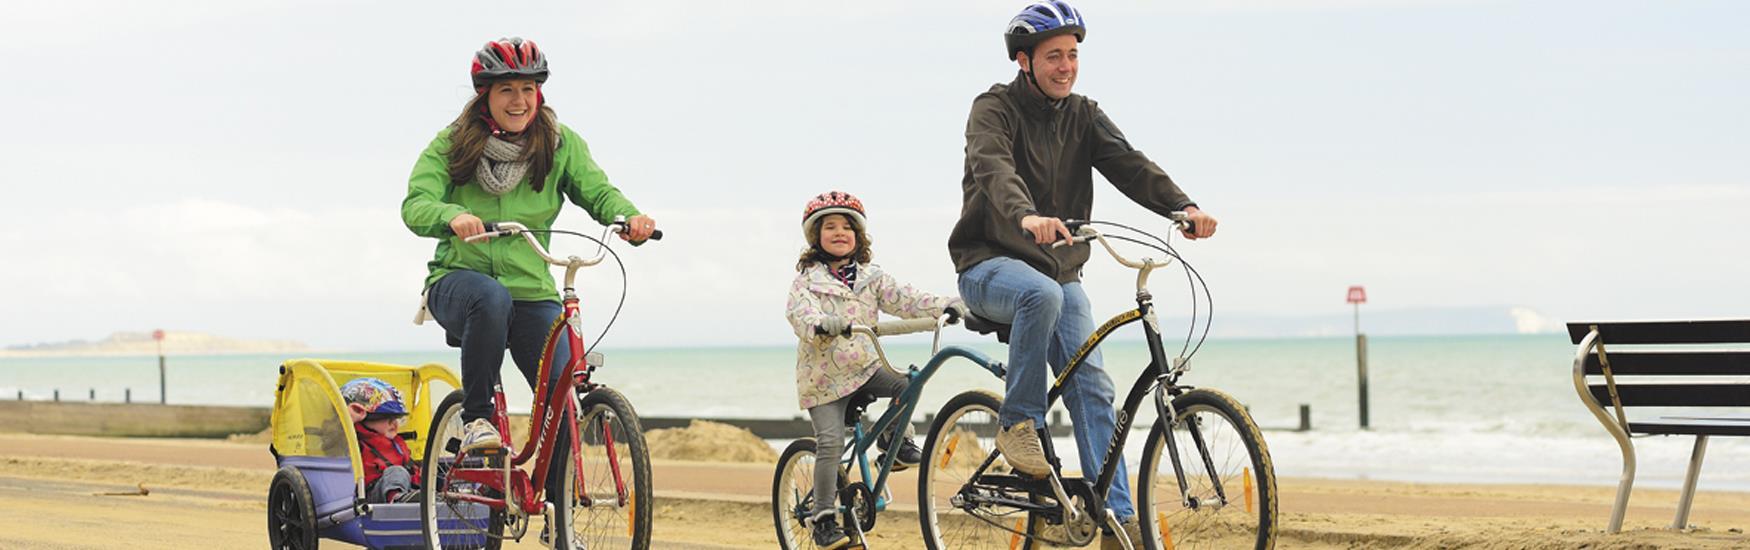 Cycling along Bournemouth Promenade